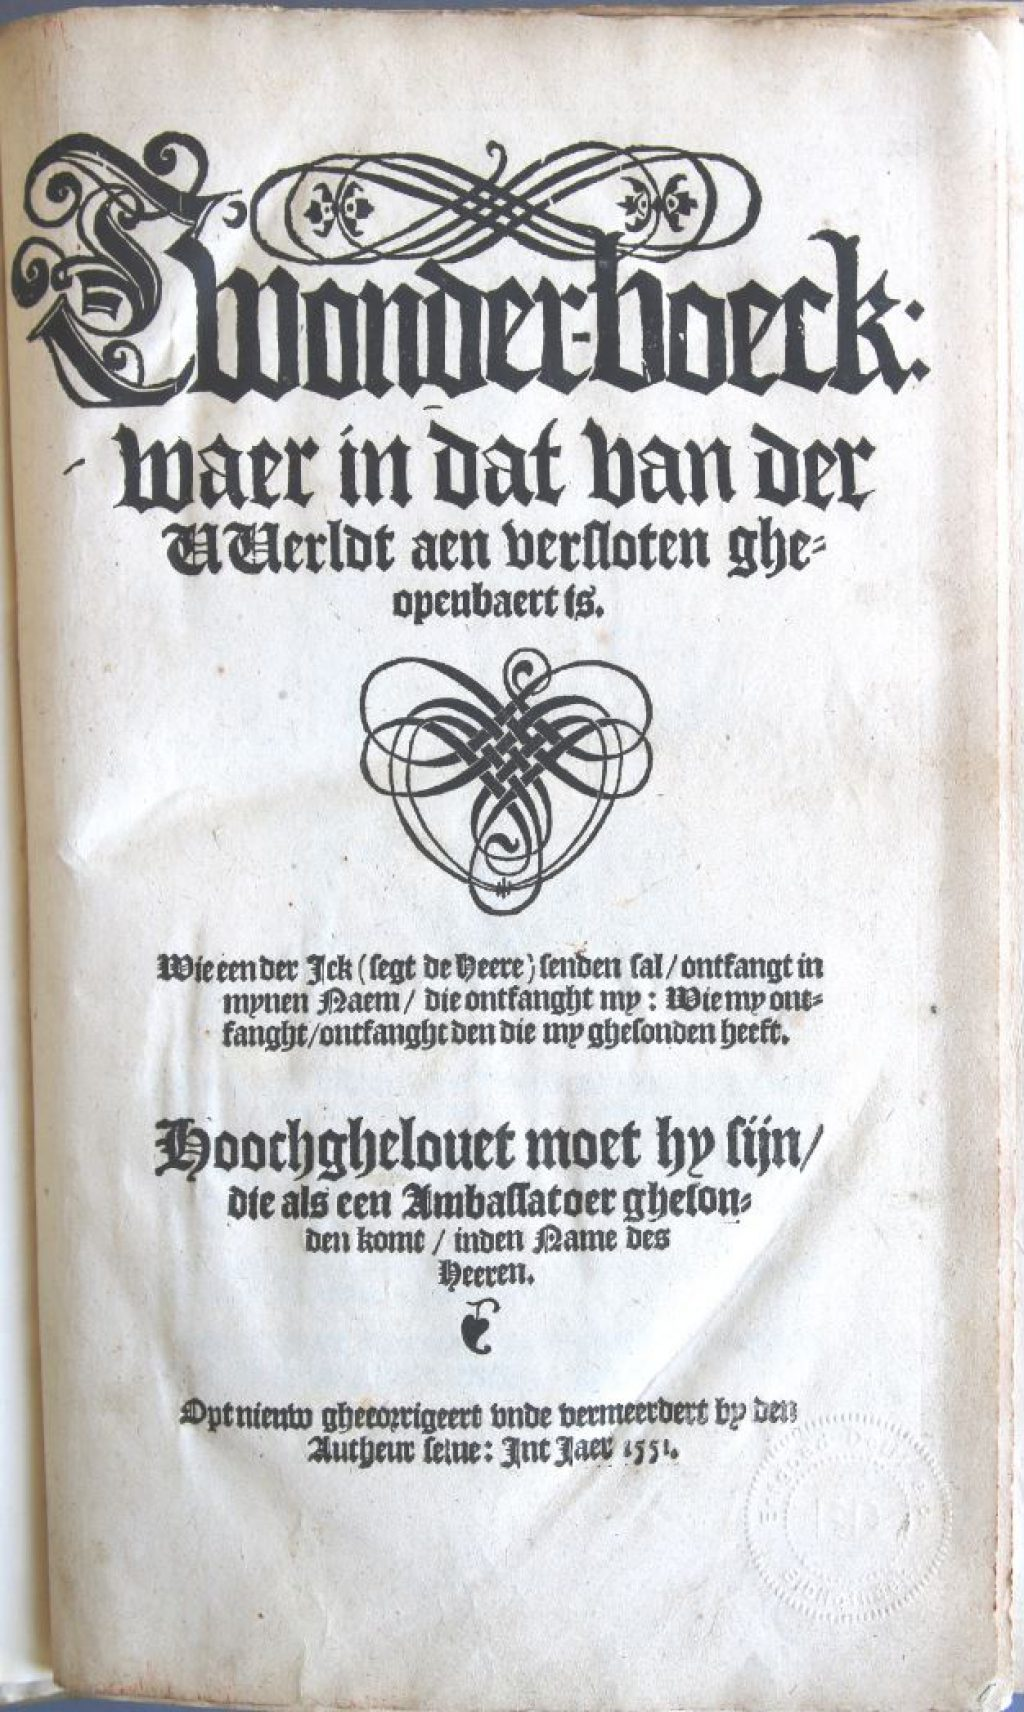 Het belangrijkste werk van David Joris is 't Wonderboeck. De eerste editie is van 1542, het Stadsarchief bezit een uitgave uit 1551. (Bibliotheek)